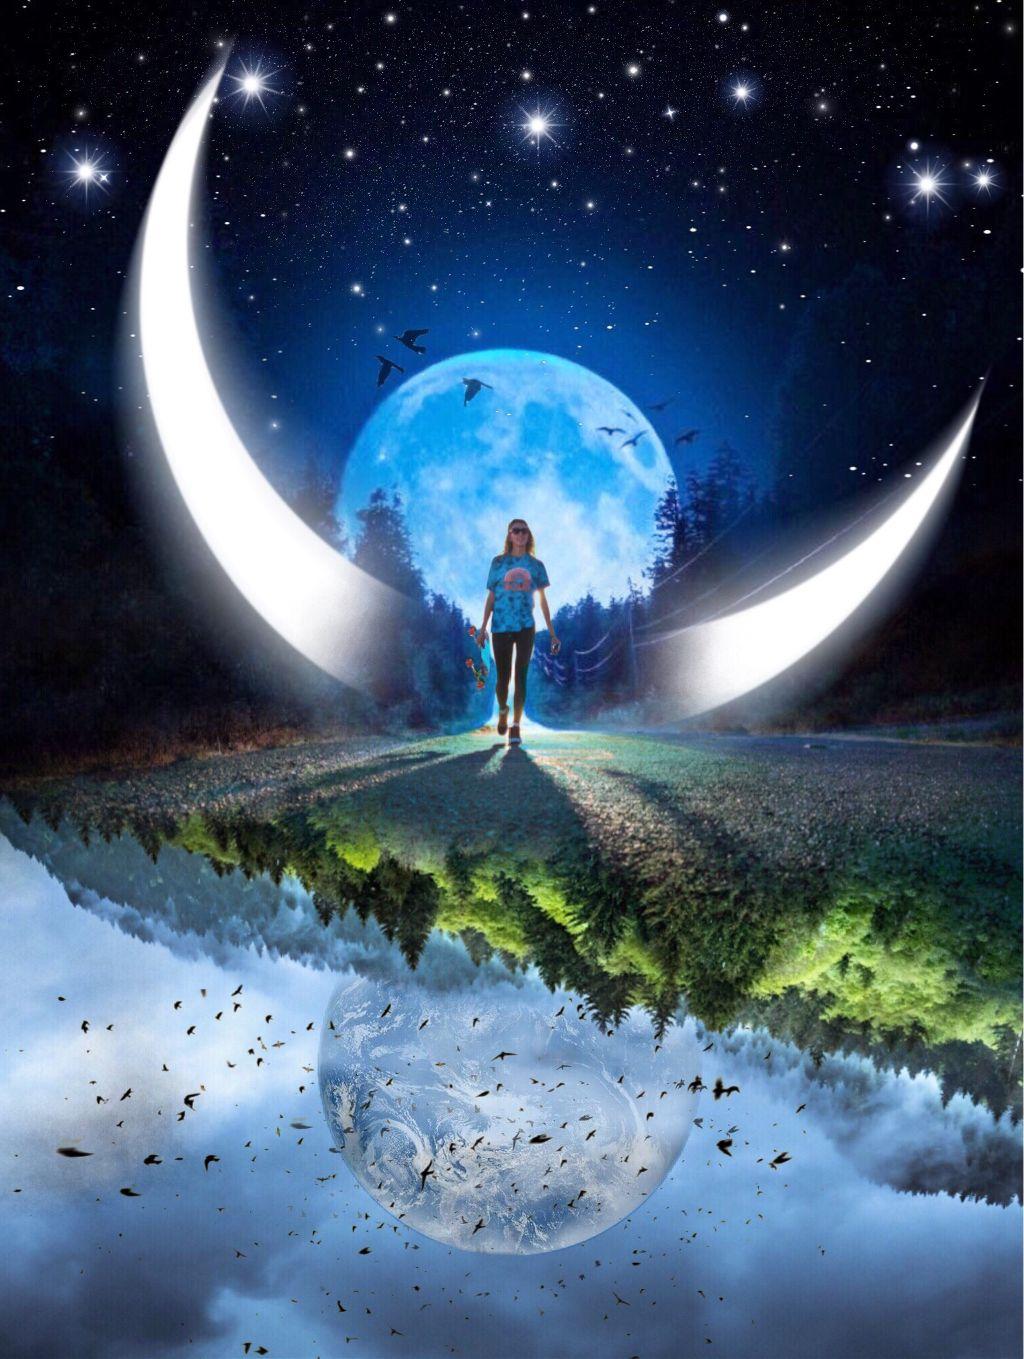 #freetoedit #edit #edited #surreal #myedit #moon